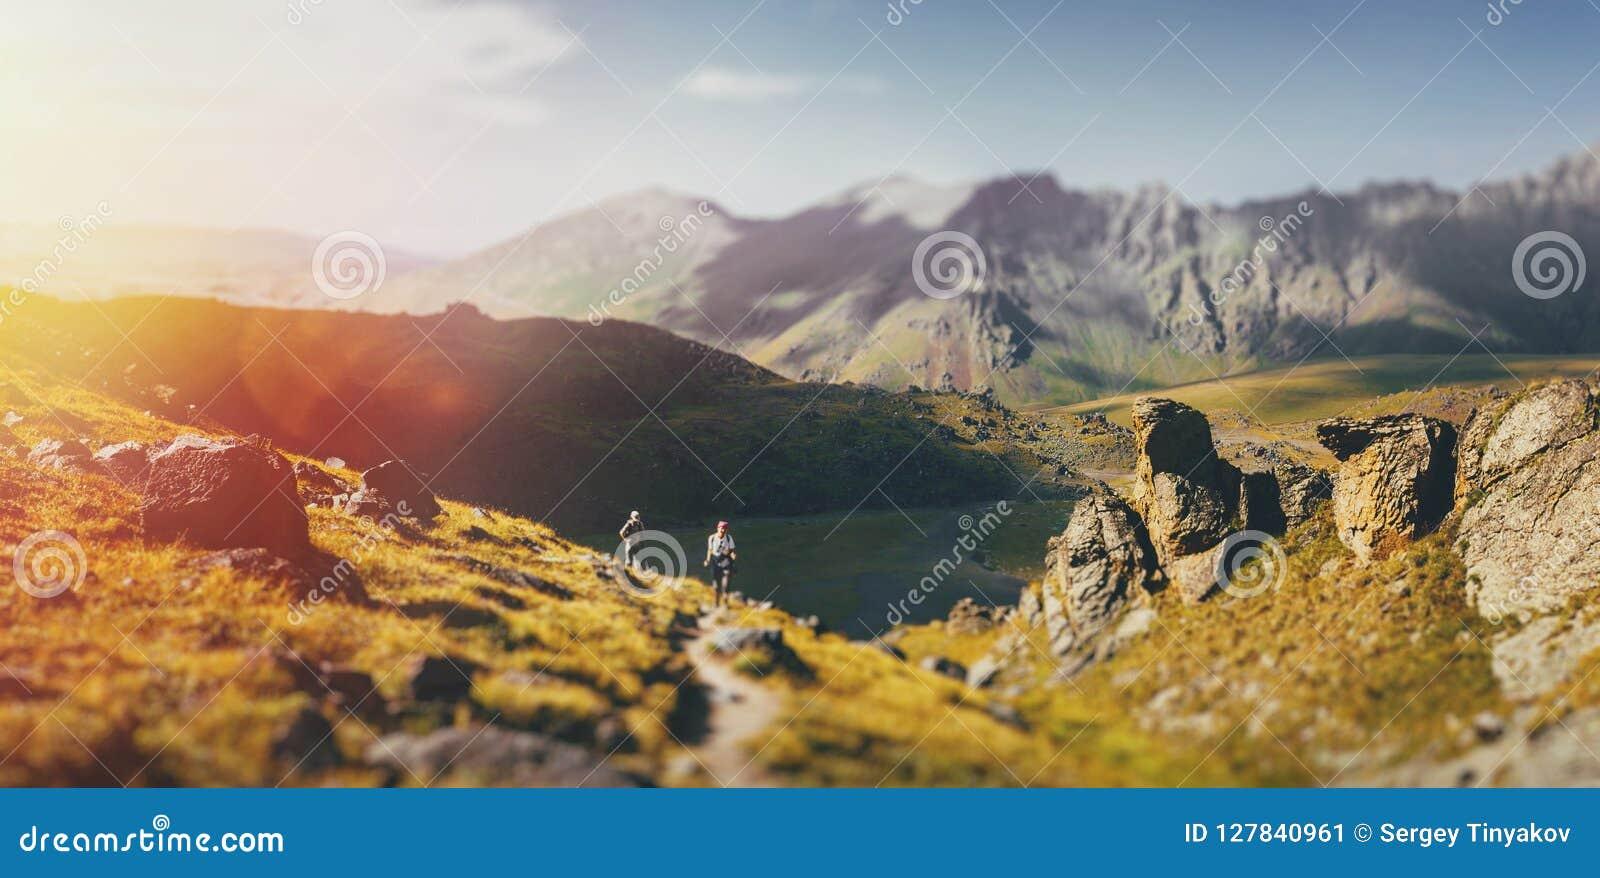 Ομάδα οδοιπόρων που περπατούν εμπρός στα θερινά βουνά, έννοια ταξιδιού ταξιδιών